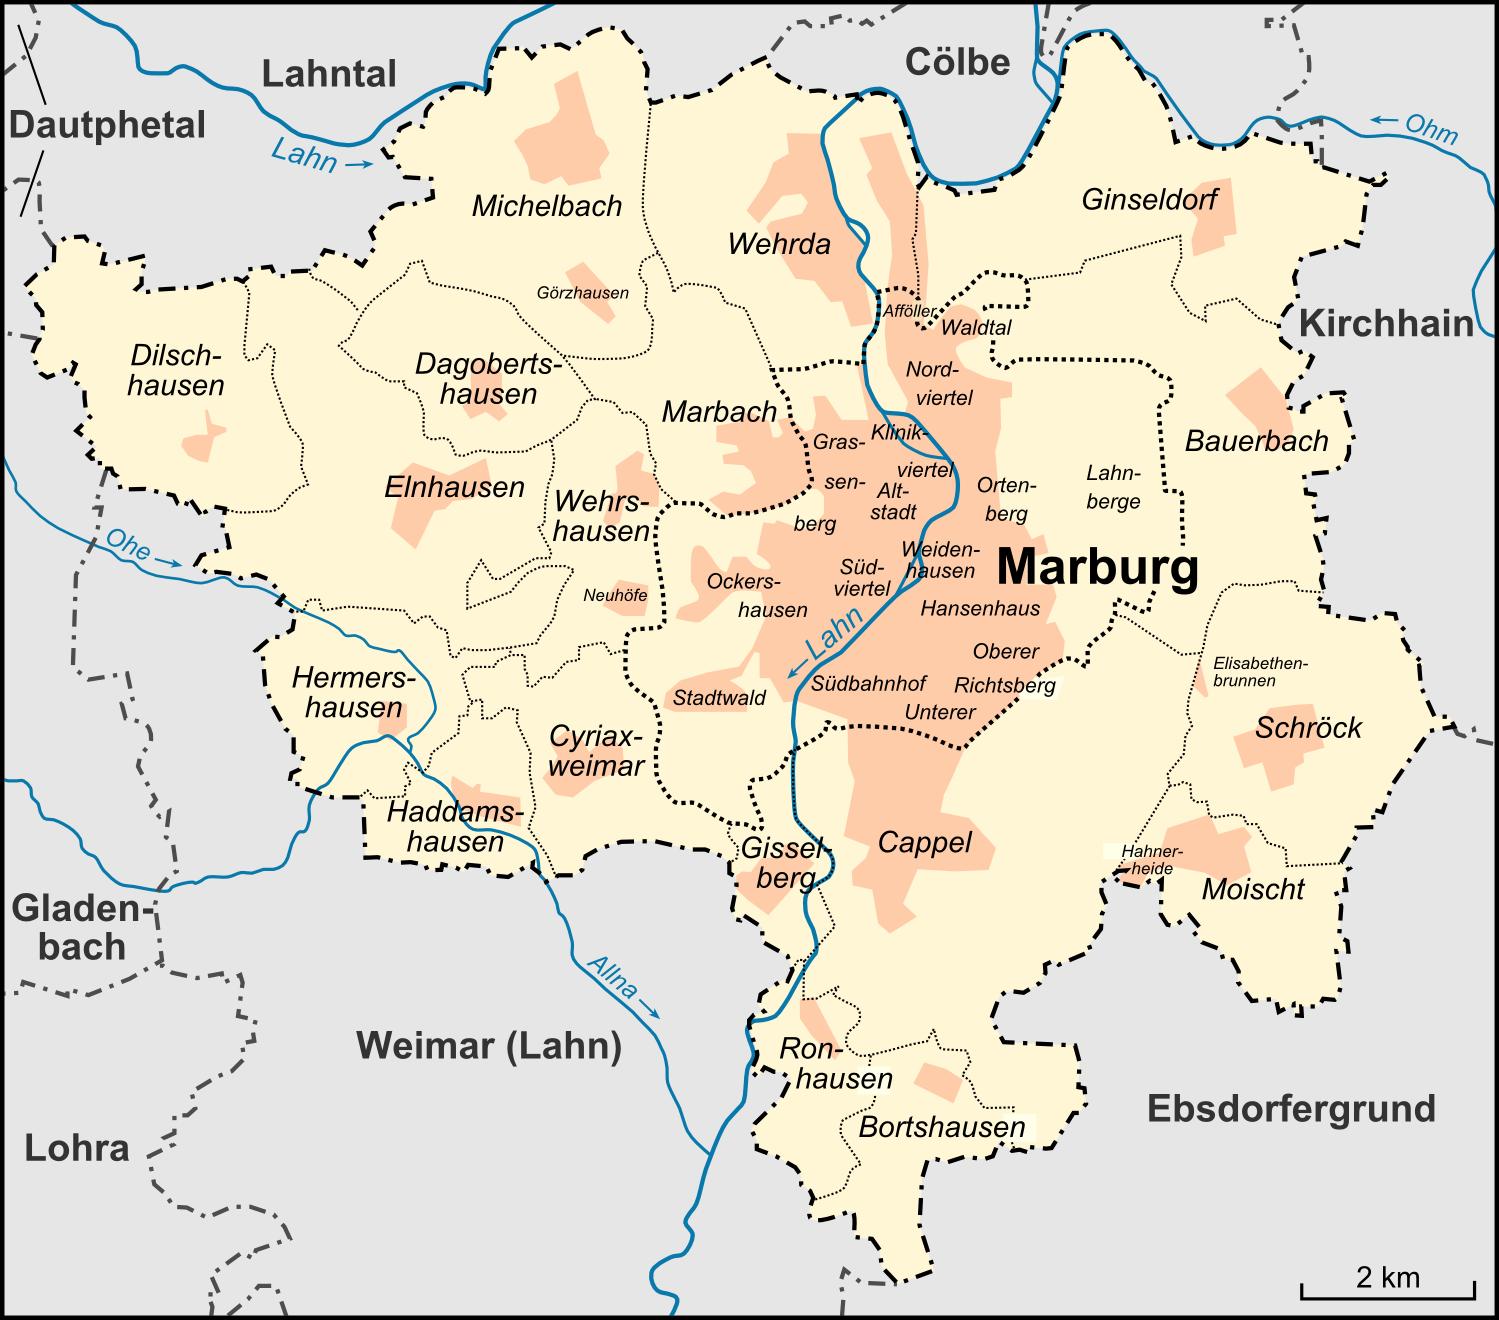 marburg karte Datei:Karte Marburg Stadtteile und Nachbargemeinden.png – Wikipedia